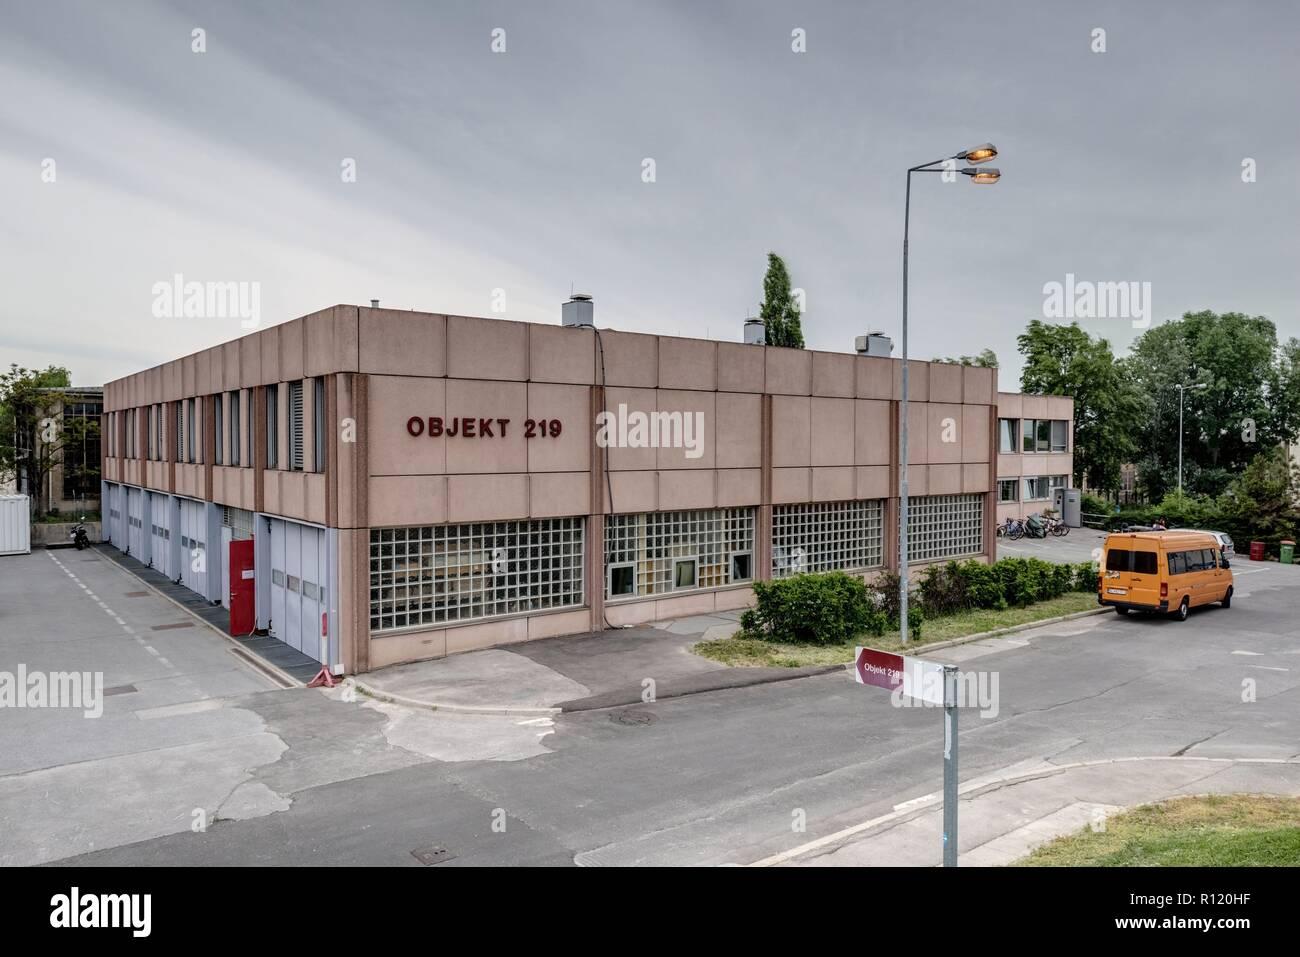 Wien, Arsenal, Objekt 219 - Stock Image